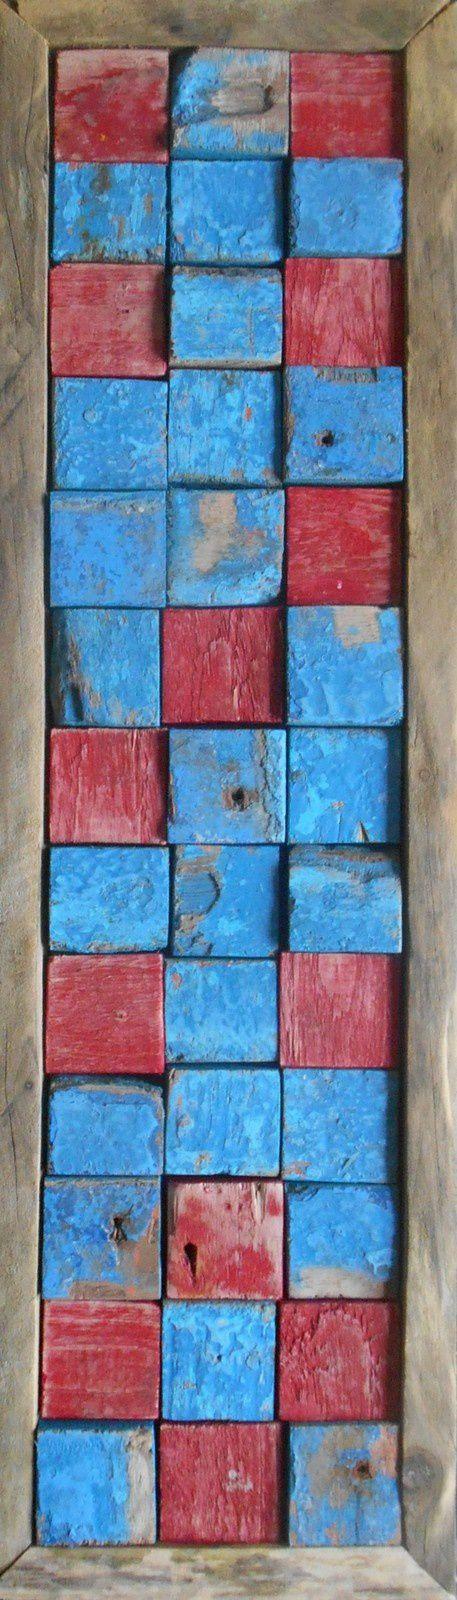 Channel n° 28 – Colonne bicolore – Mosaïque et  Assemblage mixte © Levaillant 2015